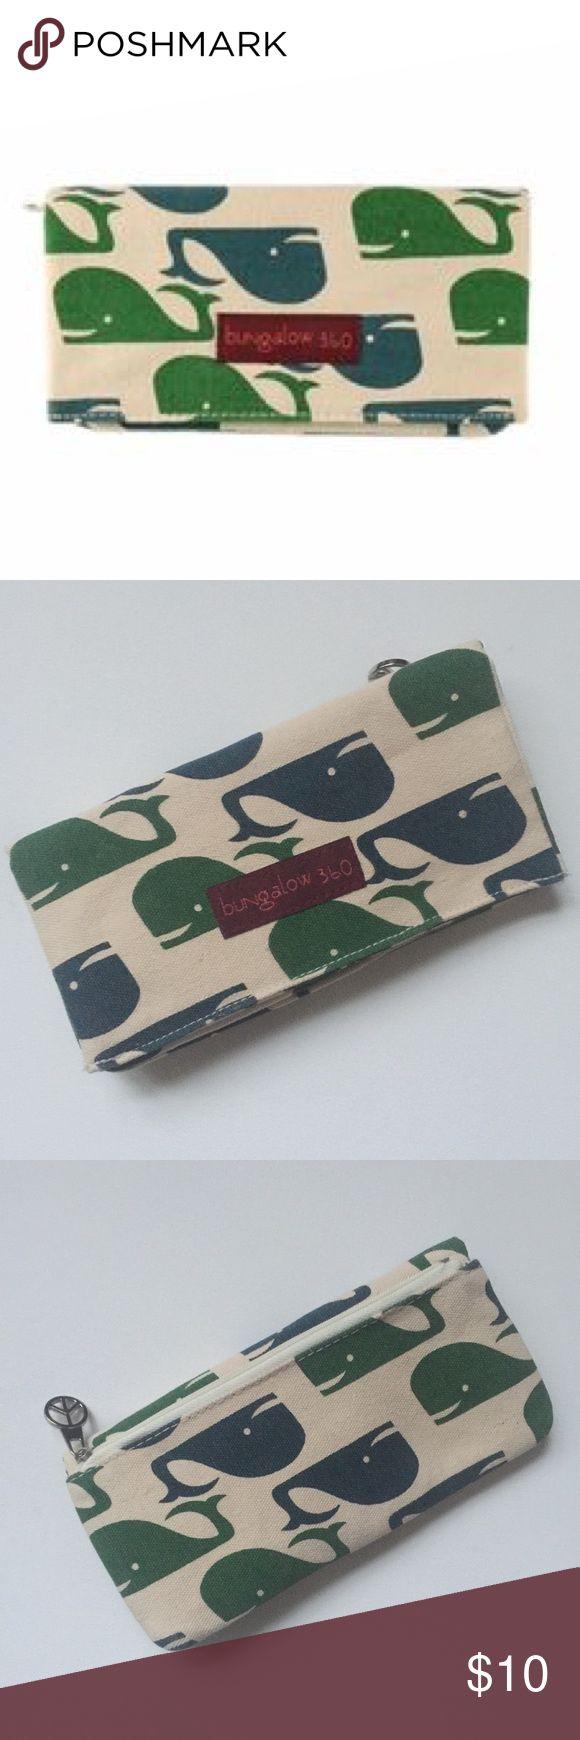 💸 Bungalow 360 Canvas Whale Wallet Bungalow 360 Canvas Whale Wallet  New with tags Bungalow 360 Bags Wallets